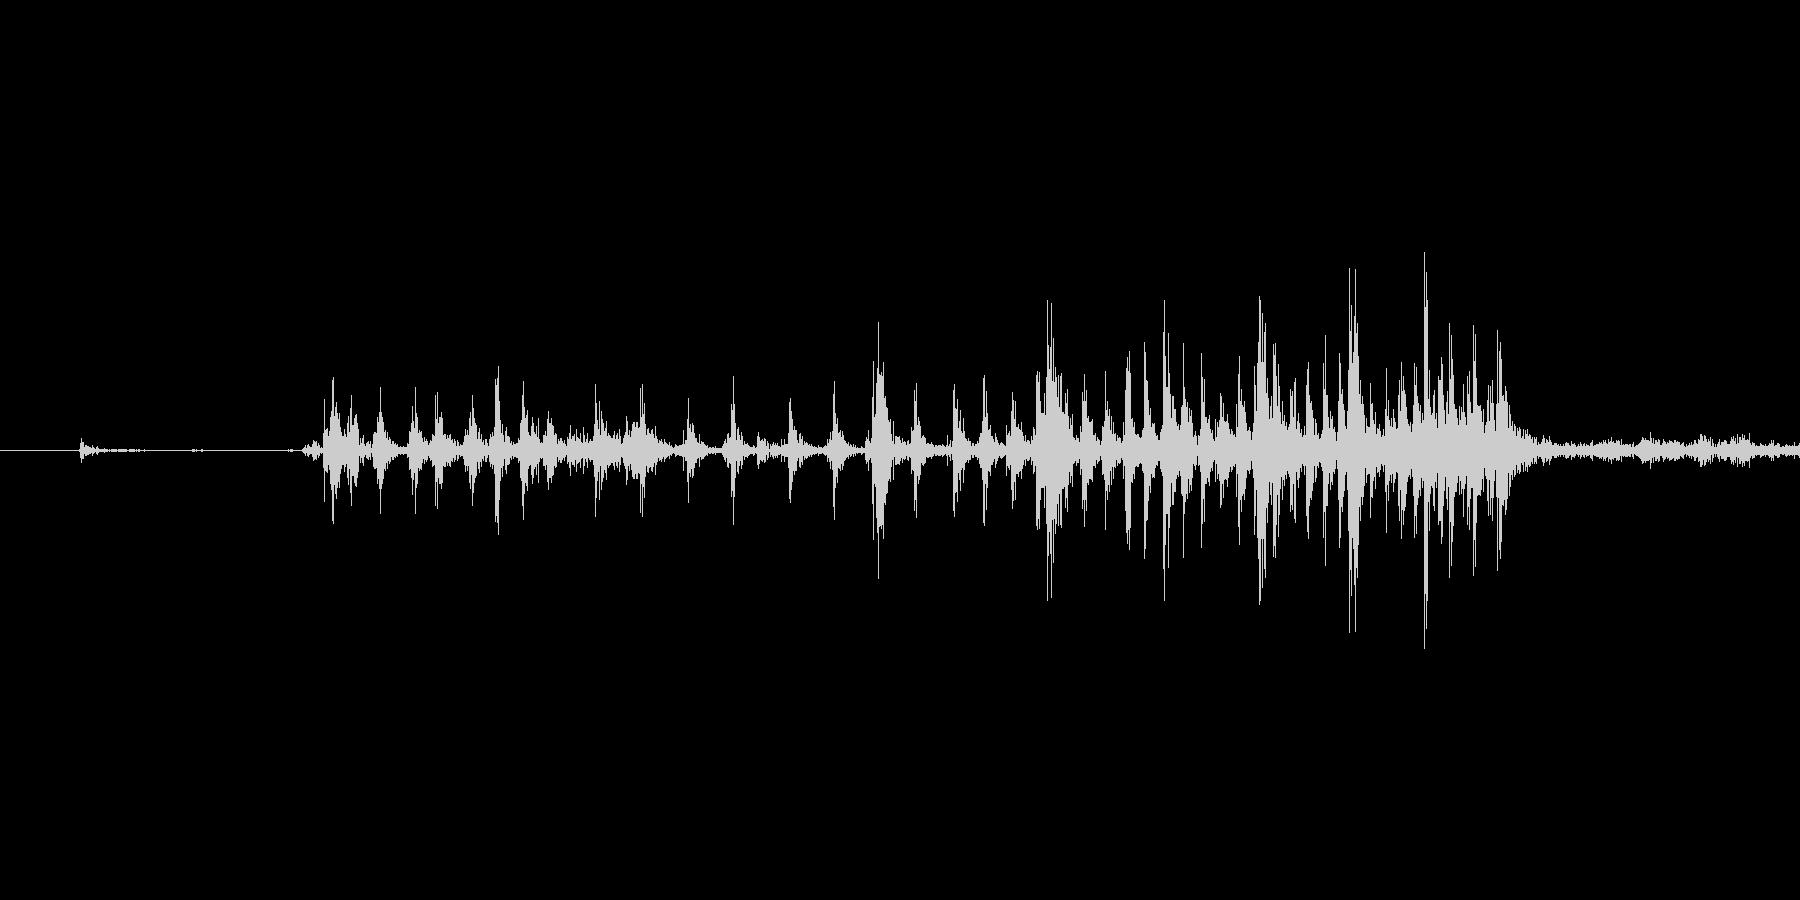 ゲームの効果音 4の未再生の波形